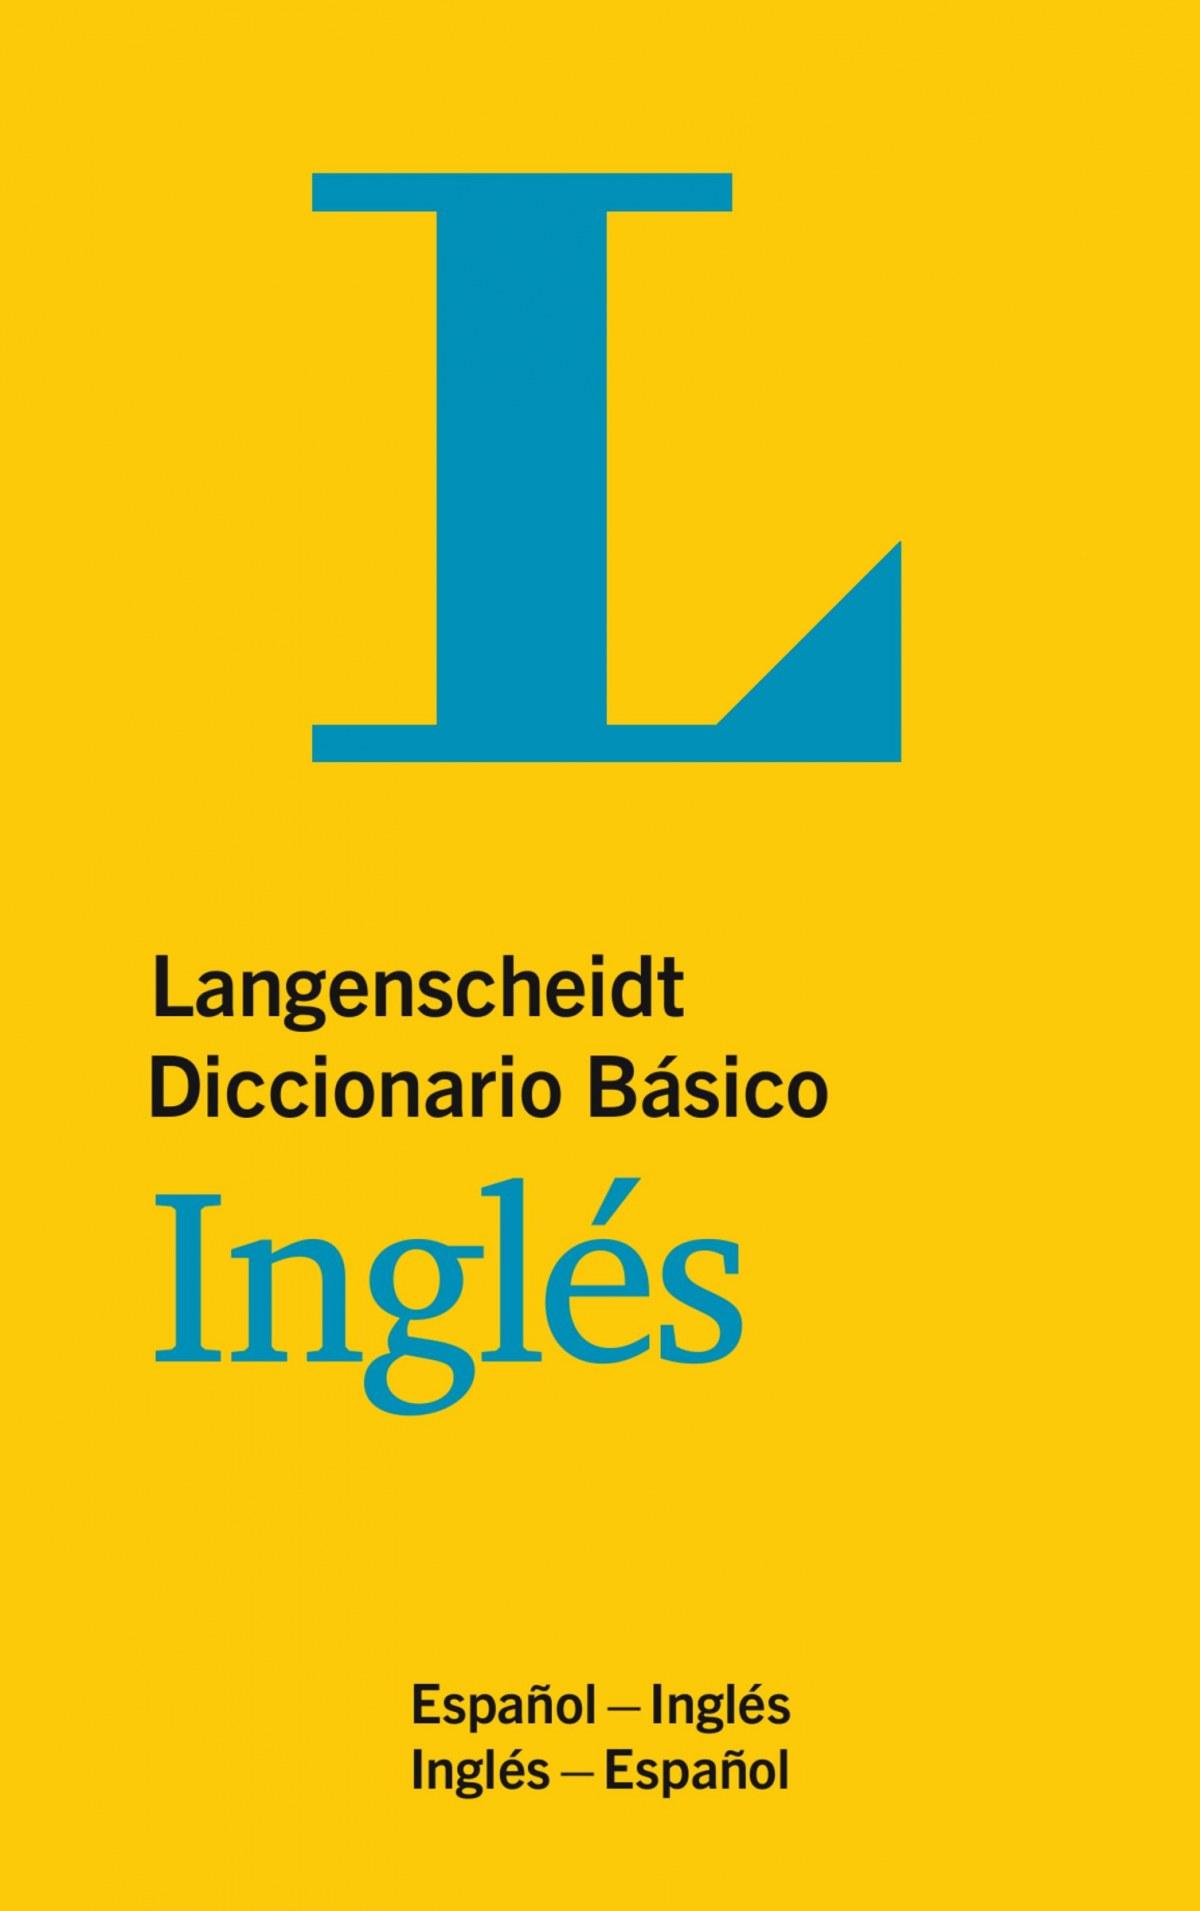 DICCIONARIO BÁSICO INGLES-ESPAñOL 9783468961182